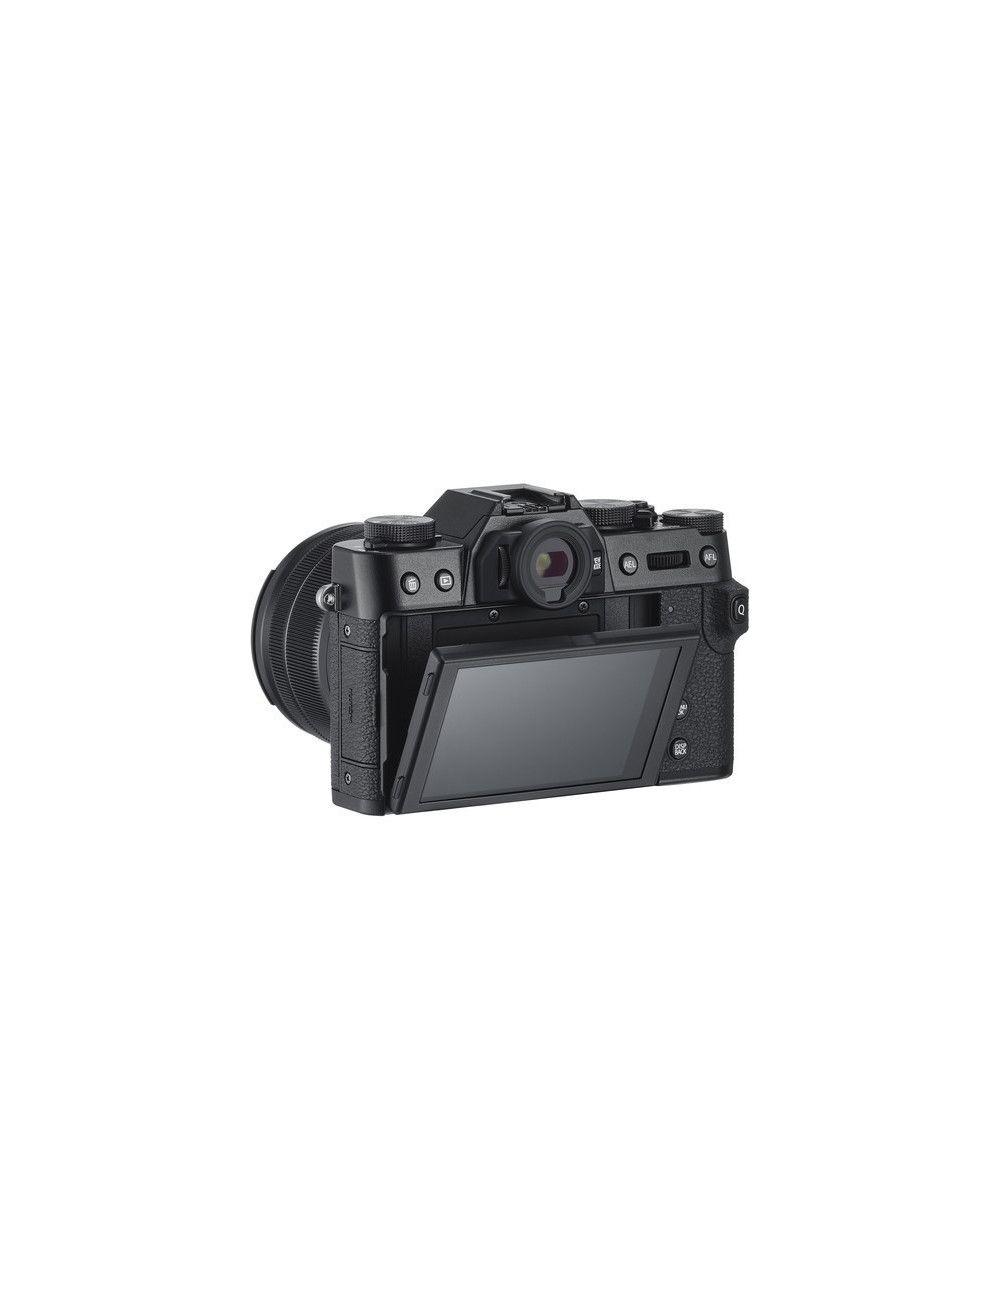 Cámara FujiFilm X-E3 NEGRA 24,3MP con lente 23mm F2 en Chile www.apertura.cl